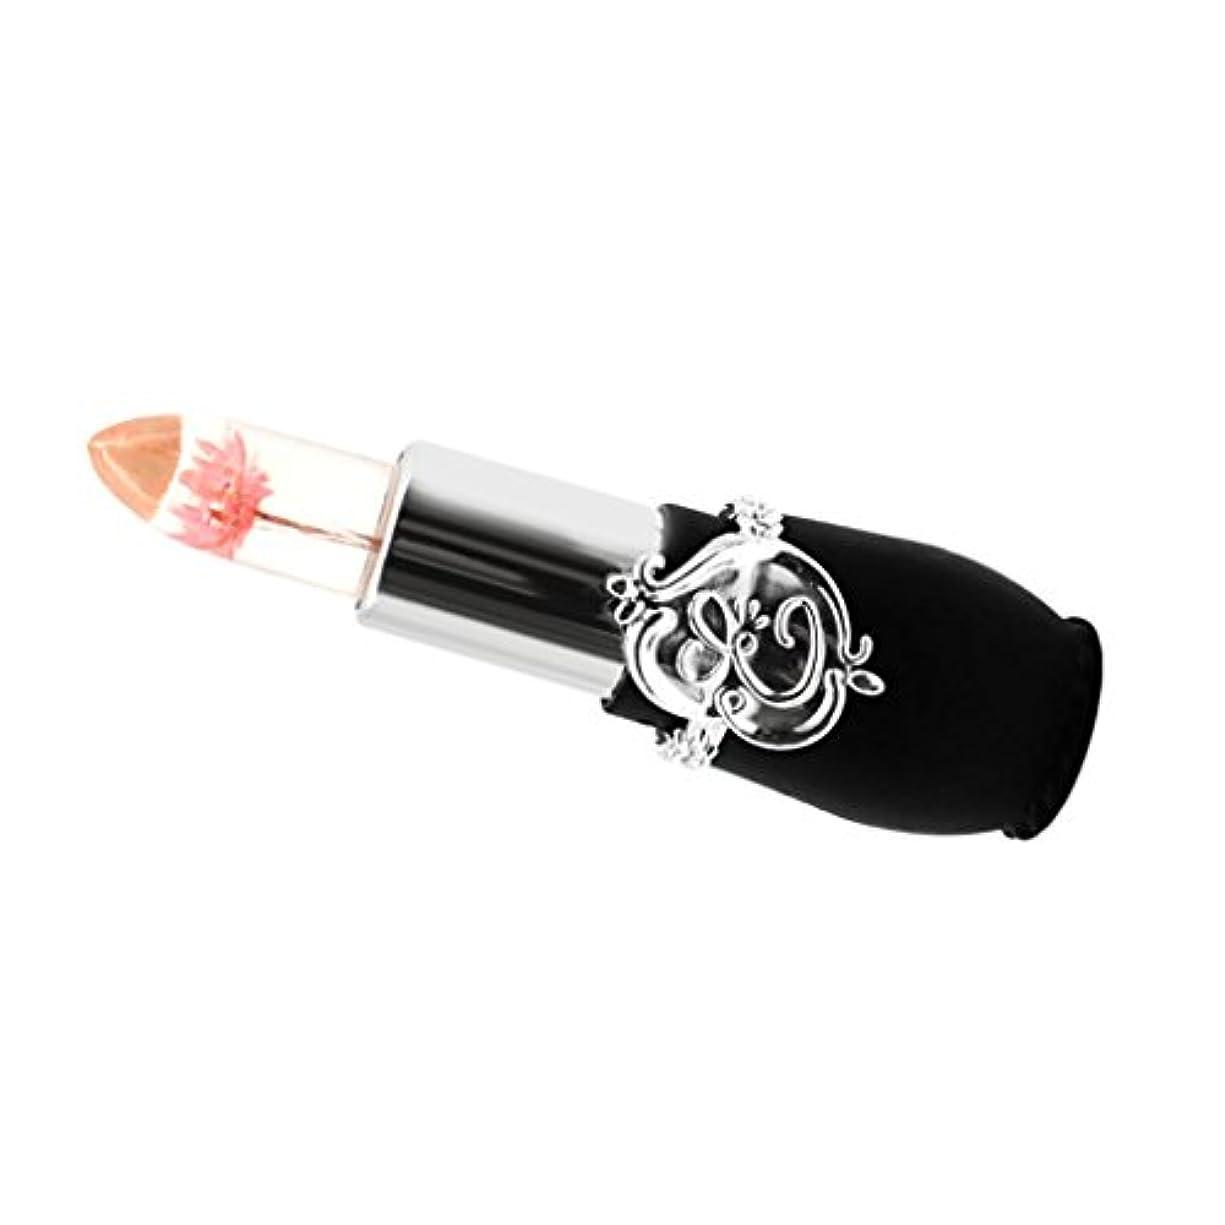 剛性イースター運命的な色変化リップスティック リップグロス リップバーム 口紅 おしゃれ 長持ち 唇のケア 潤い 6タイプ選べる - ピンク